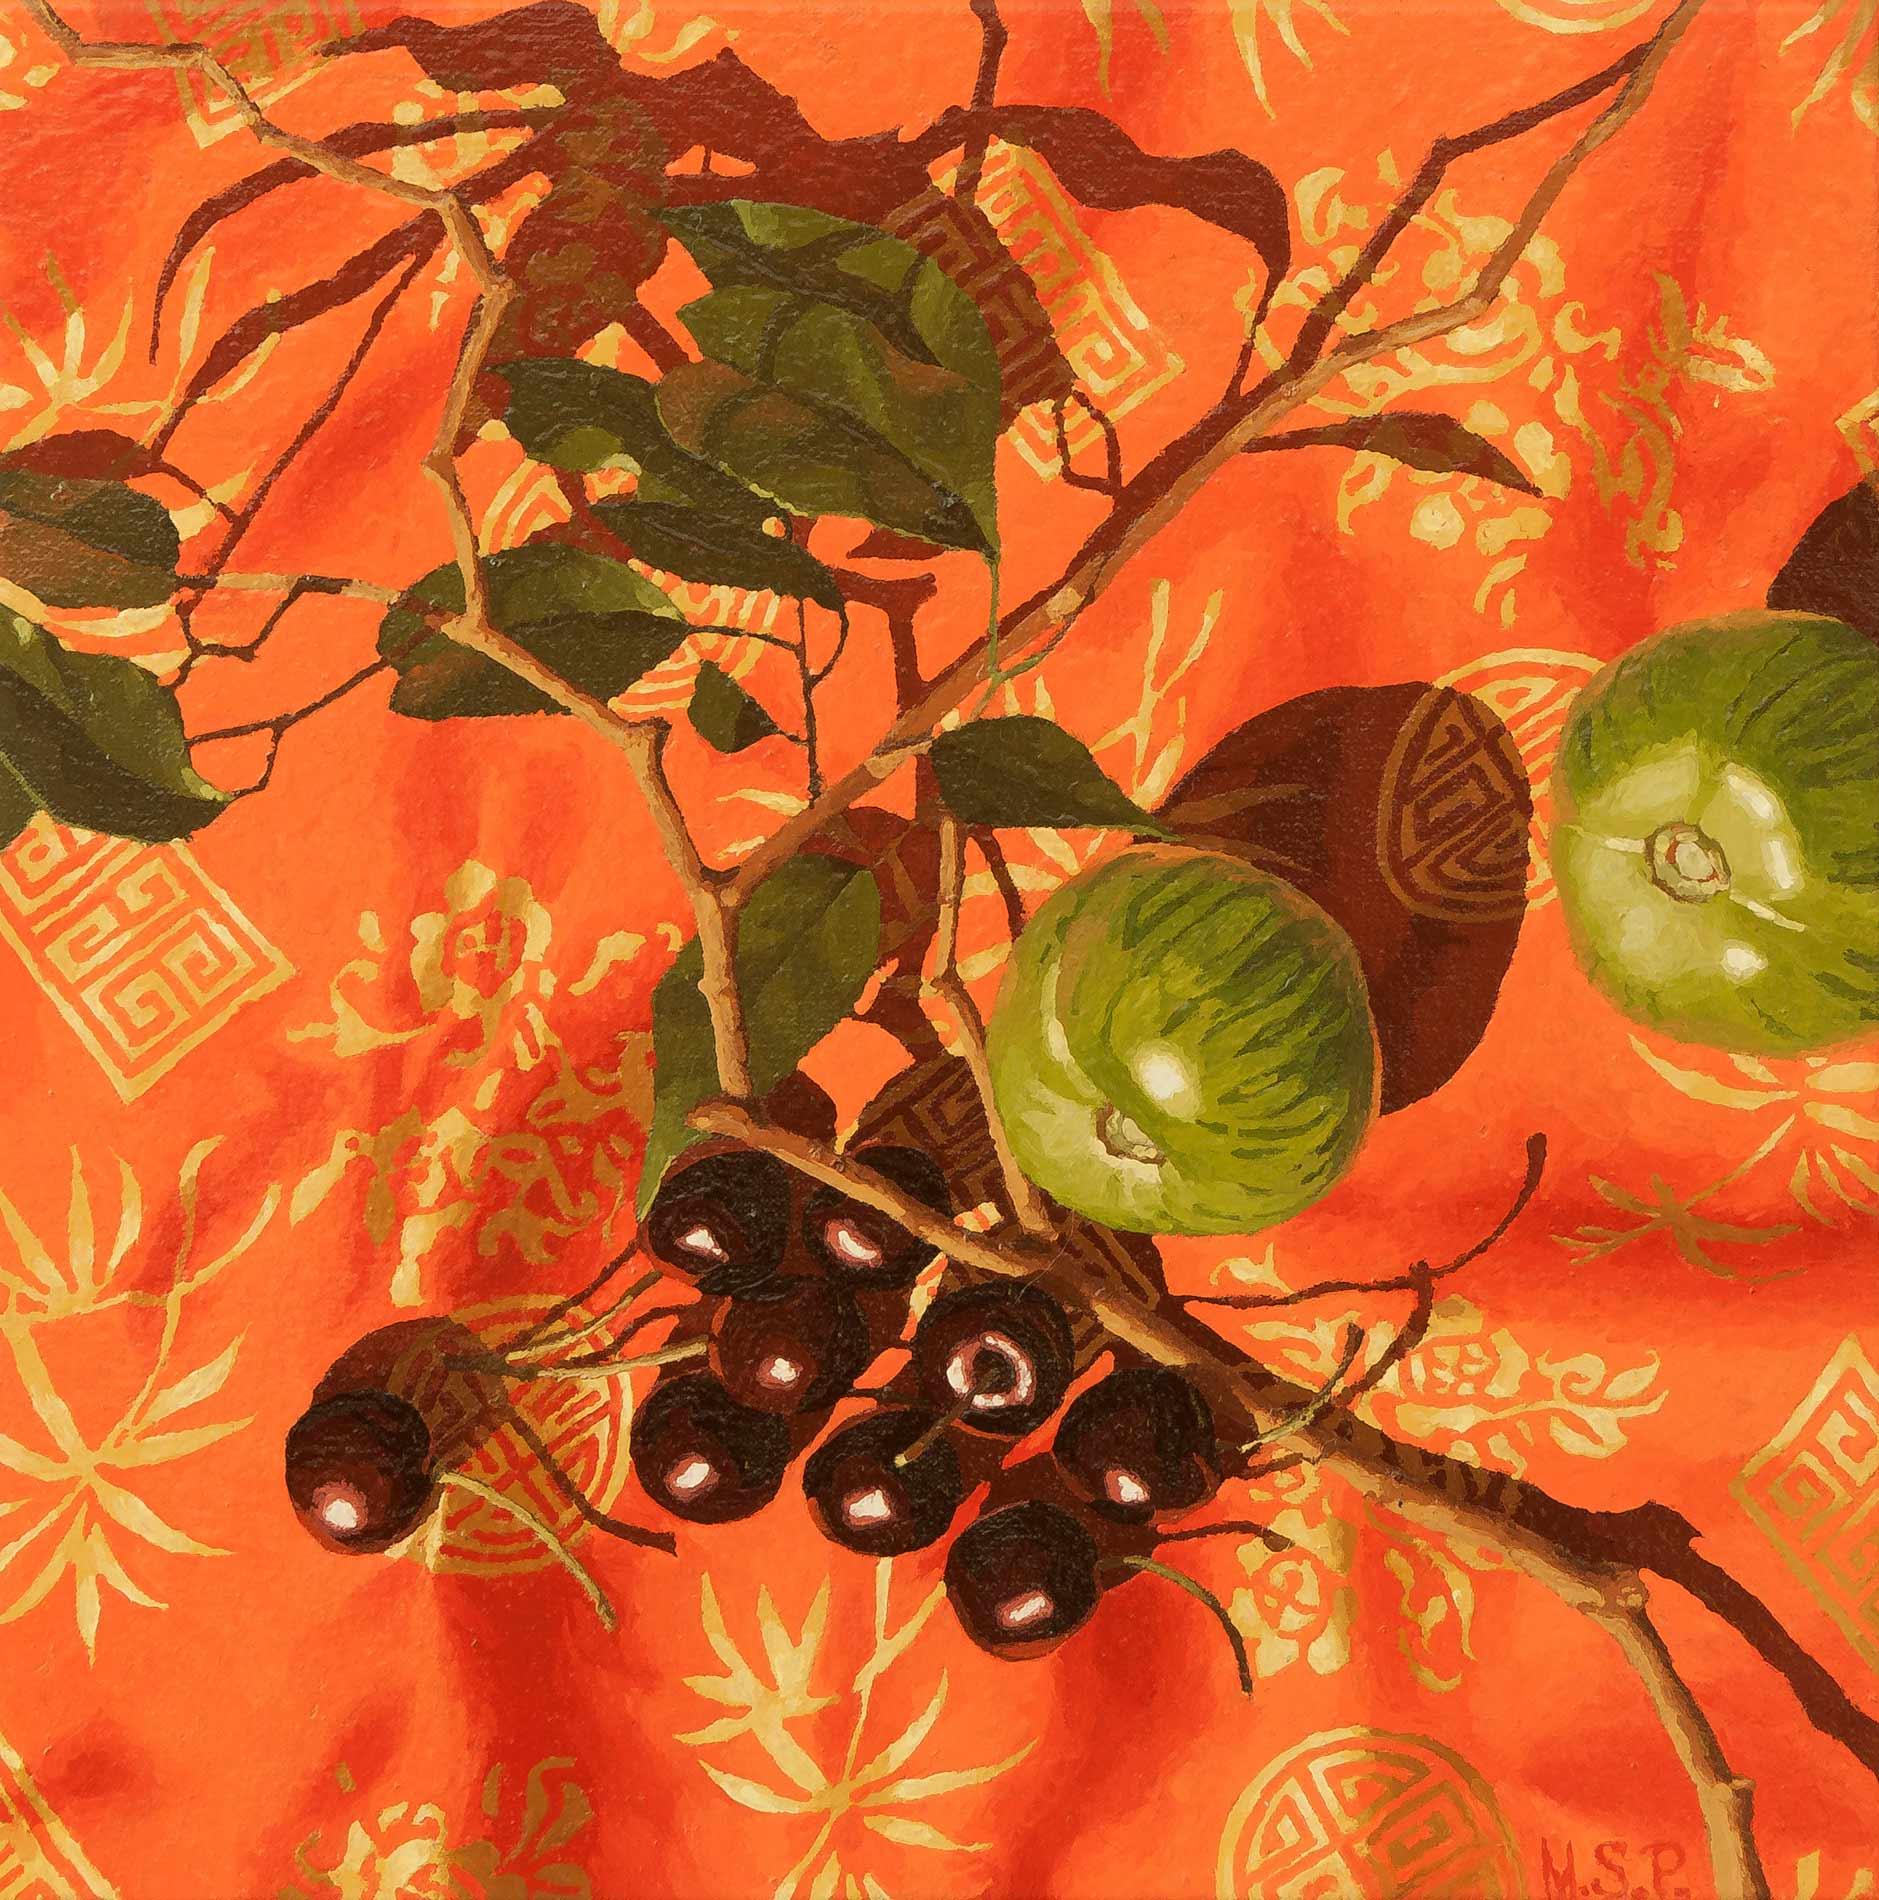 Tomates vertes, cerises et soie vietnamienne